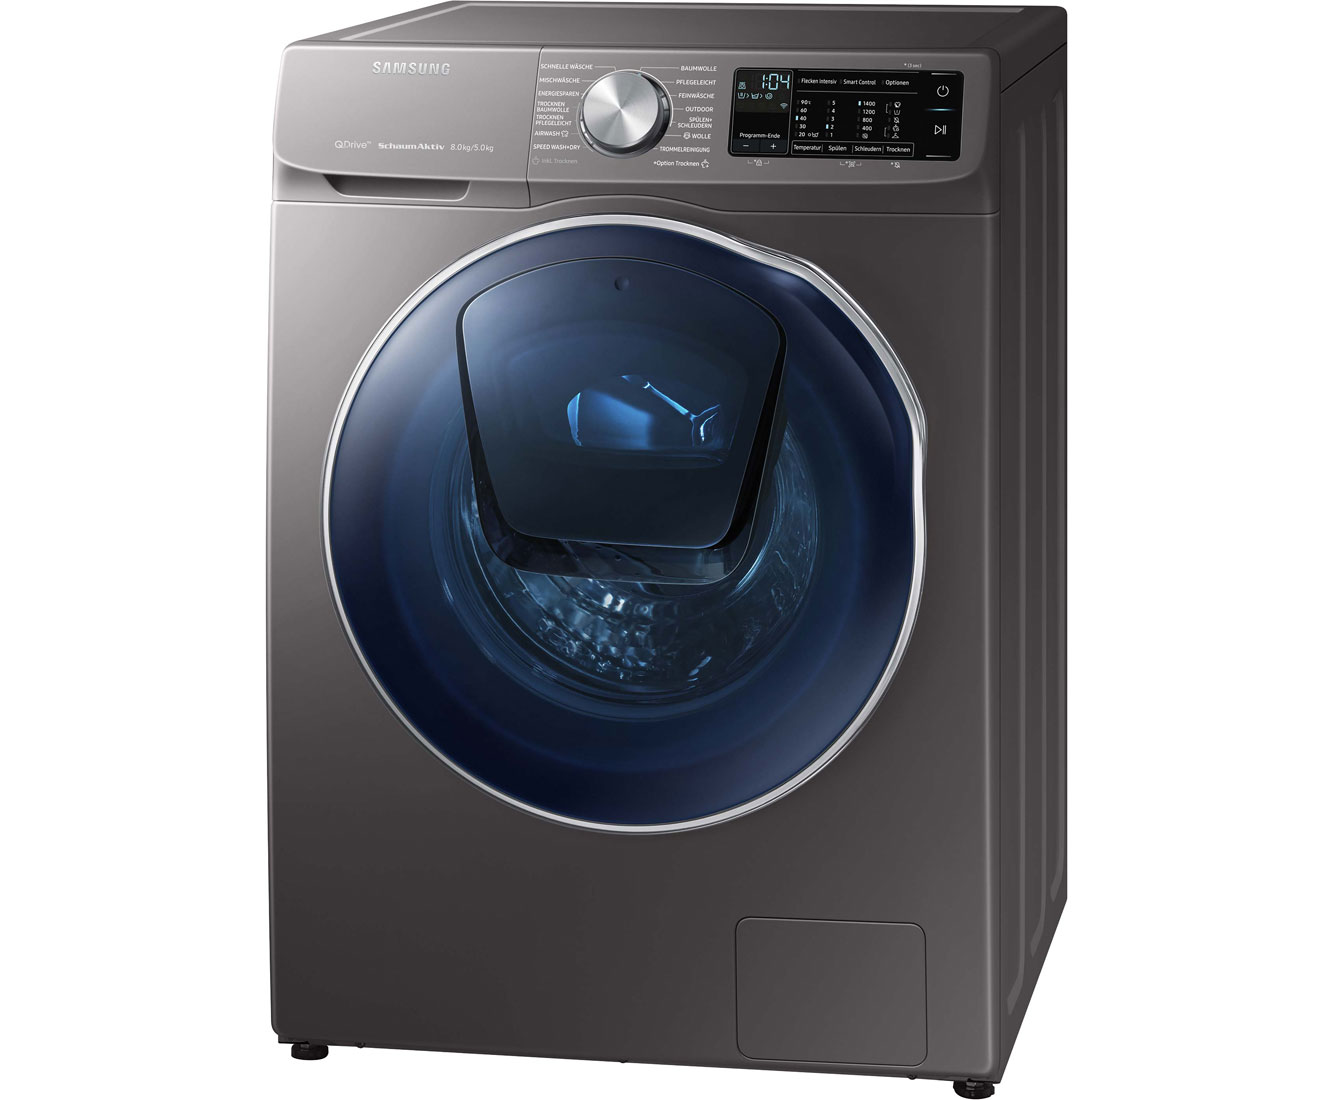 Samsung wd80n642oox eg waschtrockner freistehend edelstahl neu ebay